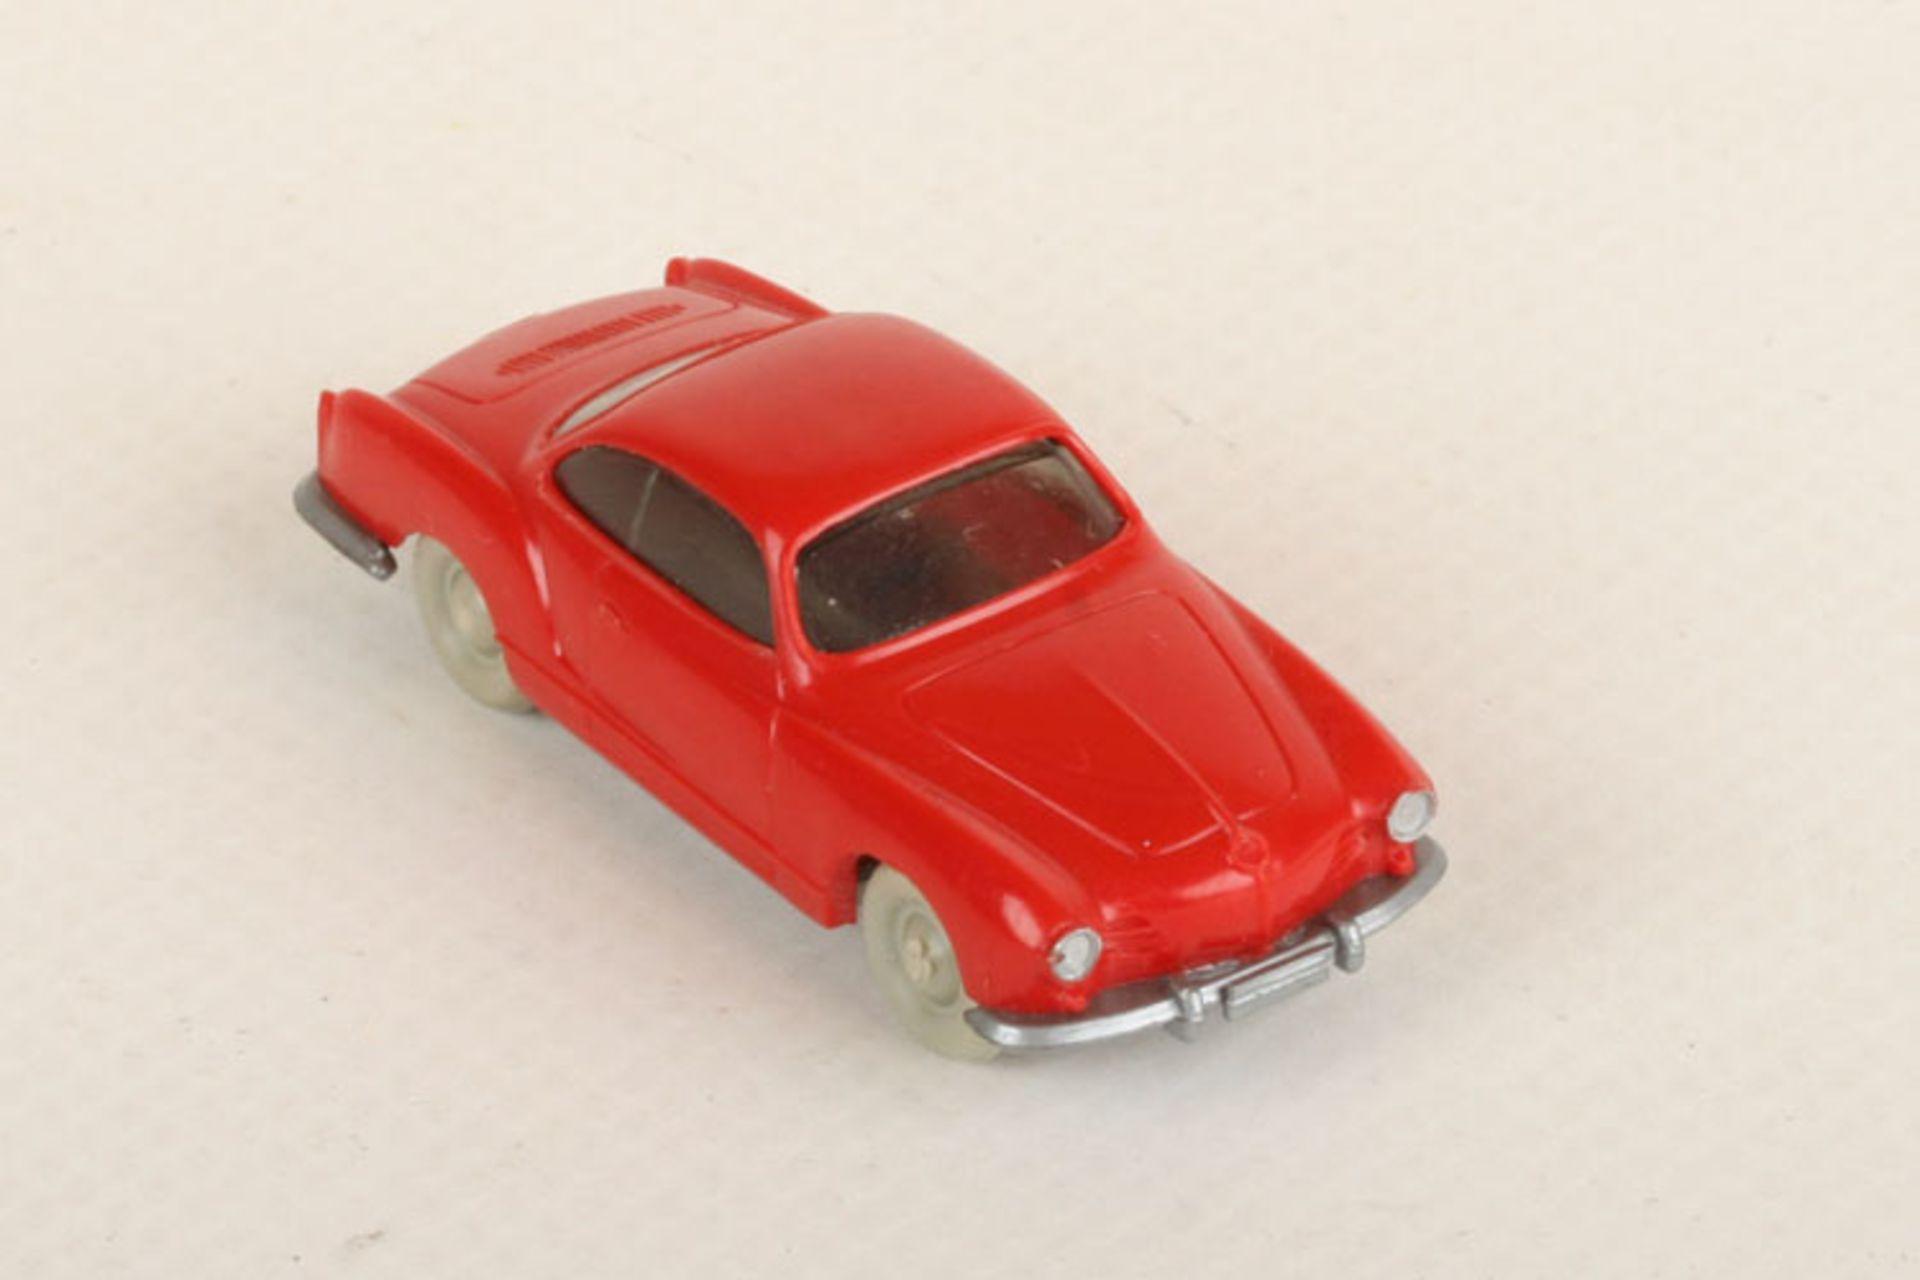 Los 1026 - Wiking VW Karmann Ghia rot (Coupé) 34/4k, neuwertig